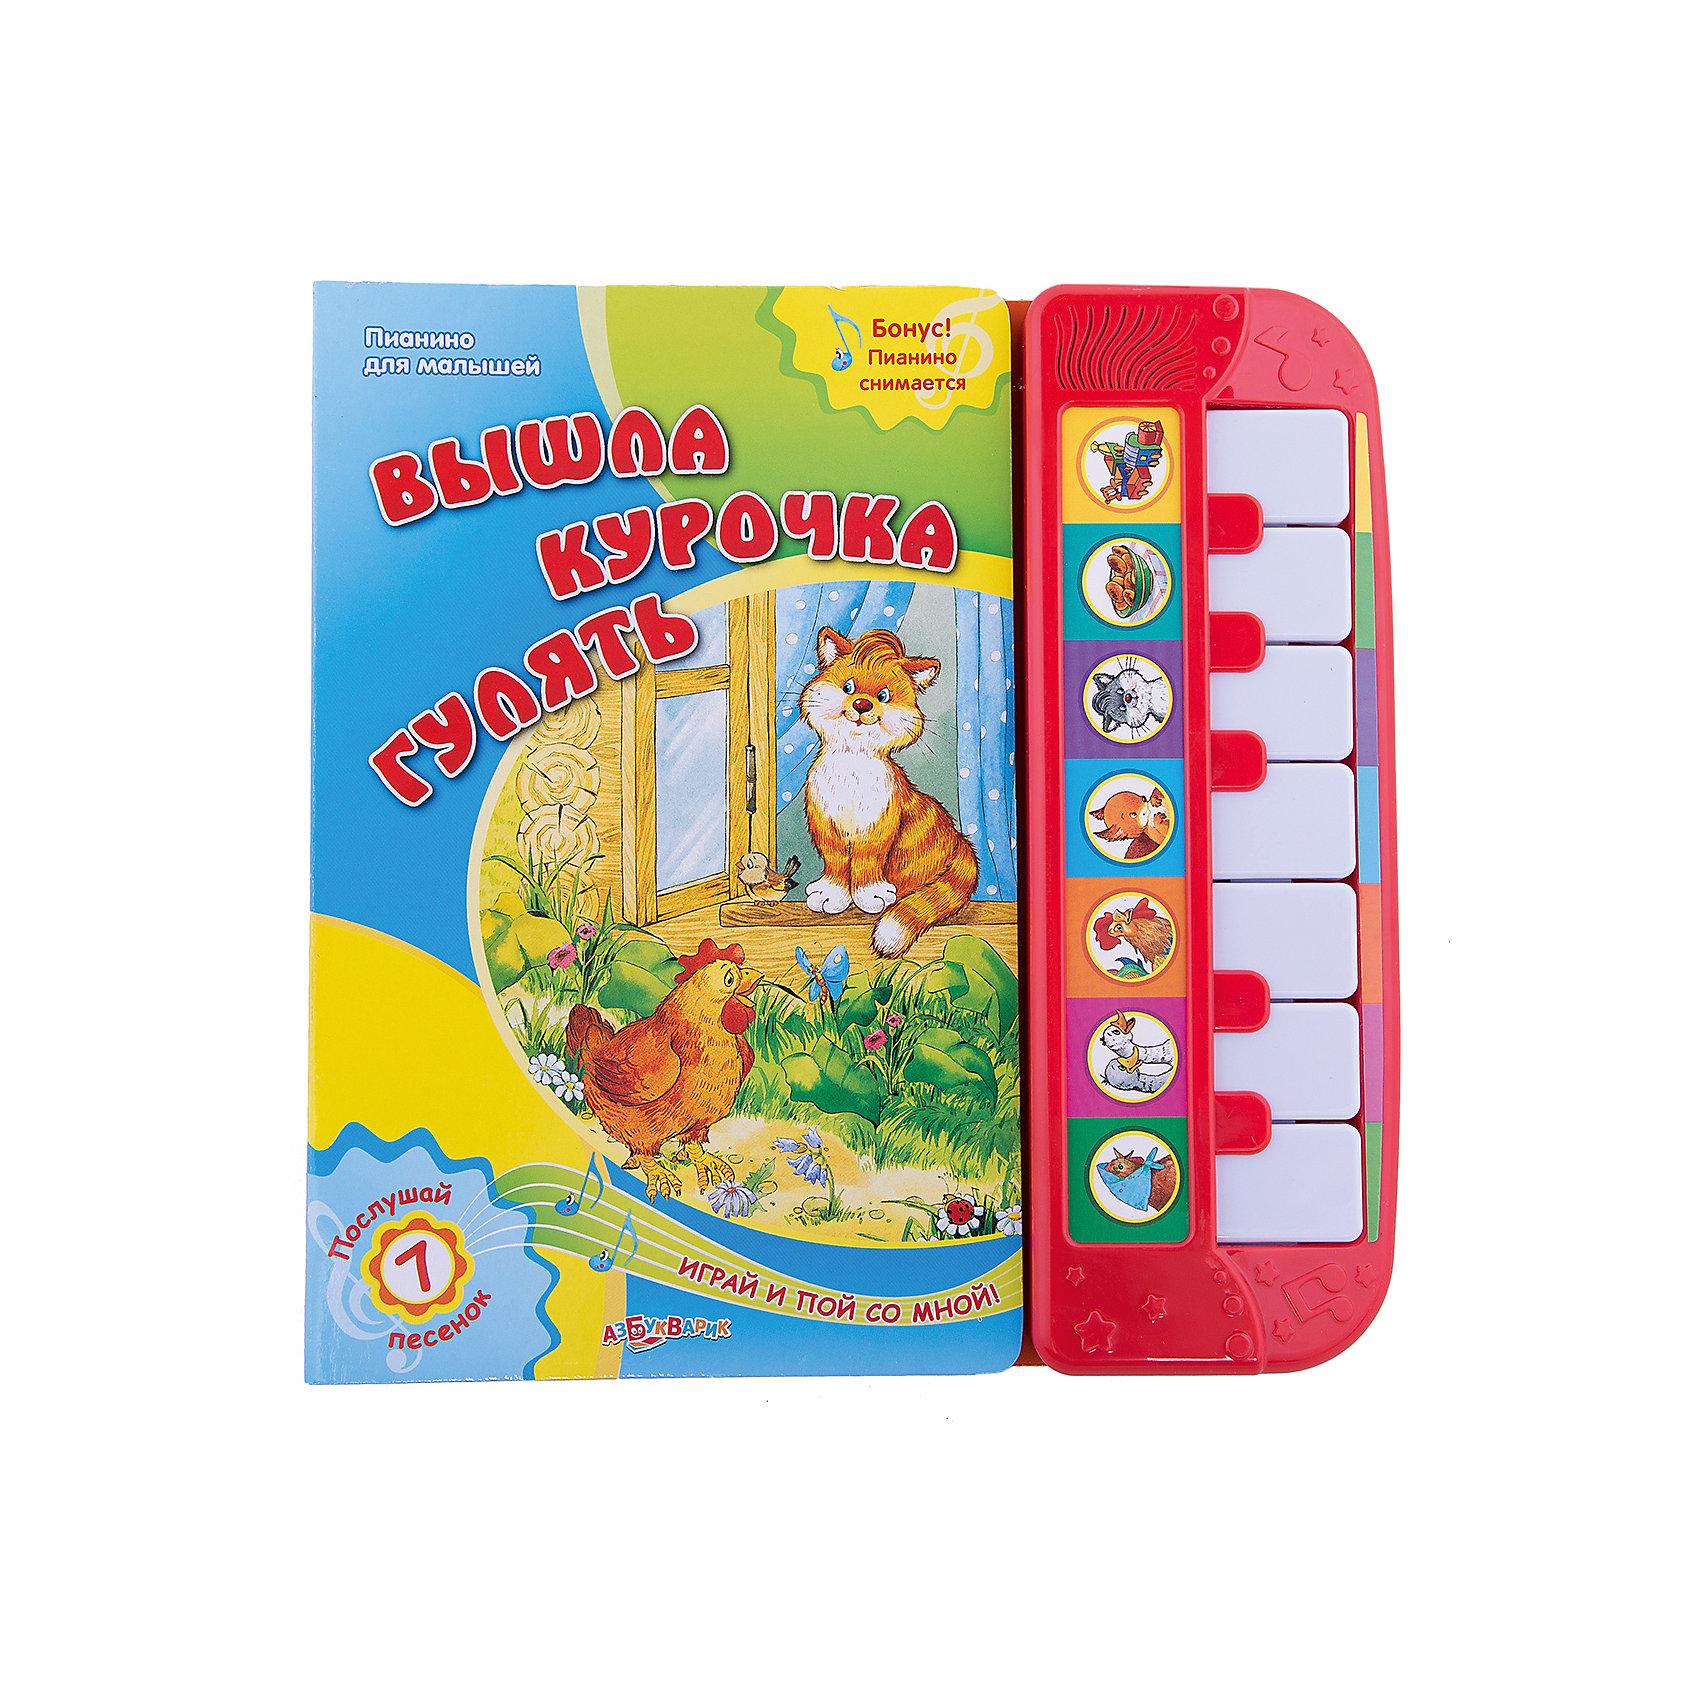 Вышла курочка гулять (новый формат)Музыкальные книги<br>Книга Вышла курочка гулять (новый формат).<br><br>Характеристика:<br><br>• Материал: пластик. <br>• Комплектация: книга, пианино (съемное). <br>• Книга имеет плотные картонный страницы. <br>• Цветные иллюстрации. <br>• 14 страниц. <br>• Формат: 25х25 см. <br>• 7 веселых песенок и мелодий. <br>• Пианино с широкими клавишами. <br>• Элемент питания: ААА батарейки (в комплекте).<br>• Яркий привлекательный дизайн.<br><br>Книжка с маленьким пианино позволит малышам не только смотреть картинки, слушать песенки и читать, но и попробовать себя в роли музыканта. Широкие клавиши и плотные картонные страницы идеально подойдут даже для самых настойчивых малышей. Яркие иллюстрации и веселые звуки заинтересуют любого ребенка и надолго увлекут кроху. <br><br>Книгу Вышла курочка гулять (новый формат) можно купить в нашем интернет-магазине.<br><br>Ширина мм: 210<br>Глубина мм: 150<br>Высота мм: 20<br>Вес г: 150<br>Возраст от месяцев: 24<br>Возраст до месяцев: 48<br>Пол: Унисекс<br>Возраст: Детский<br>SKU: 5484236